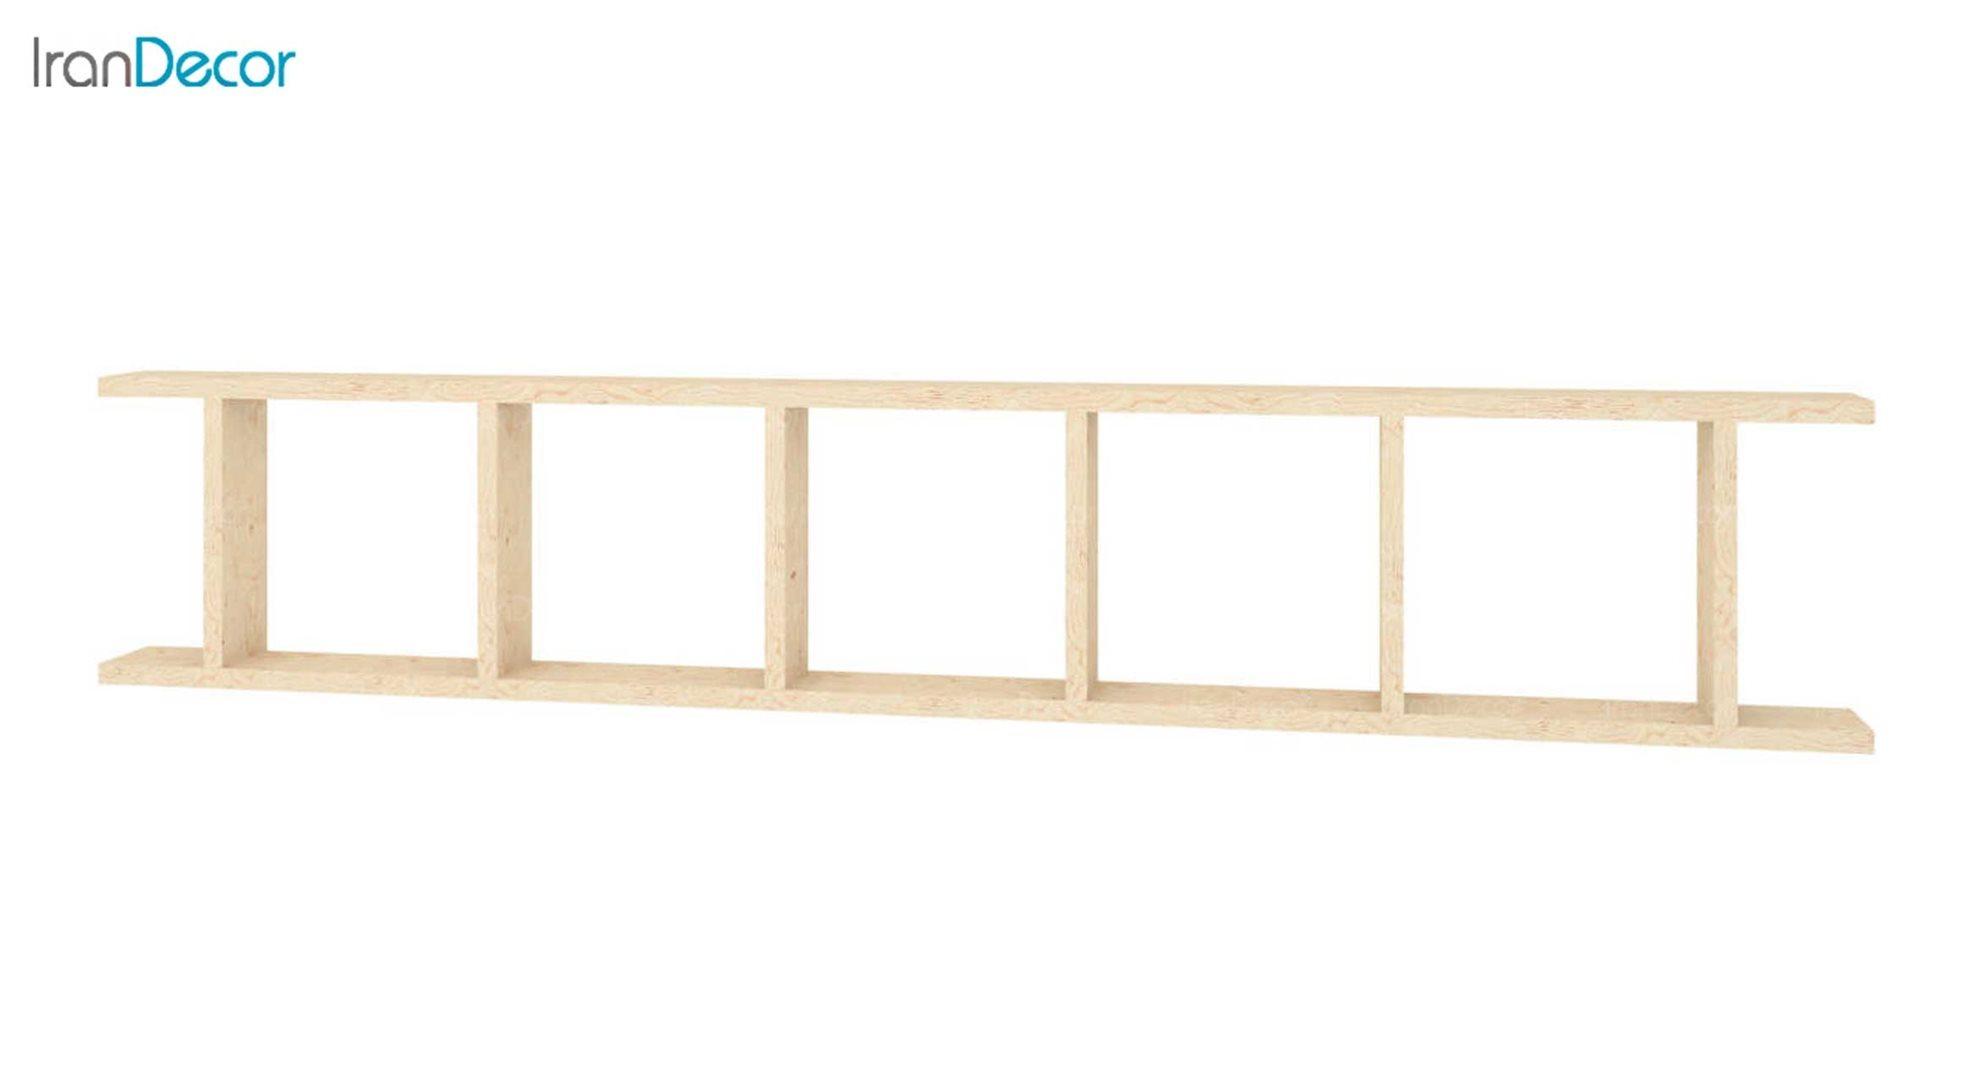 شلف و طبقه دیواری چوبی رومادون مدل 3028